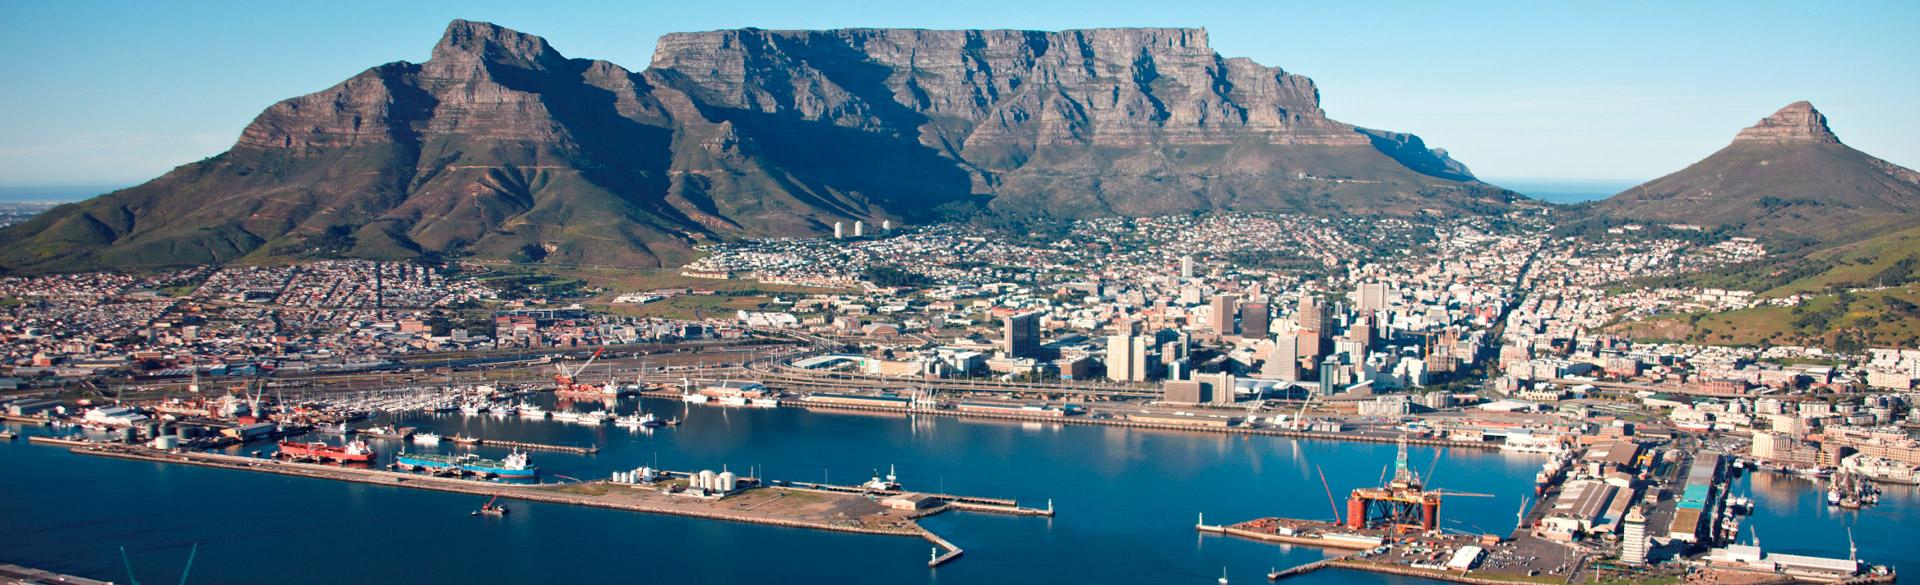 Cape Town - Dormac